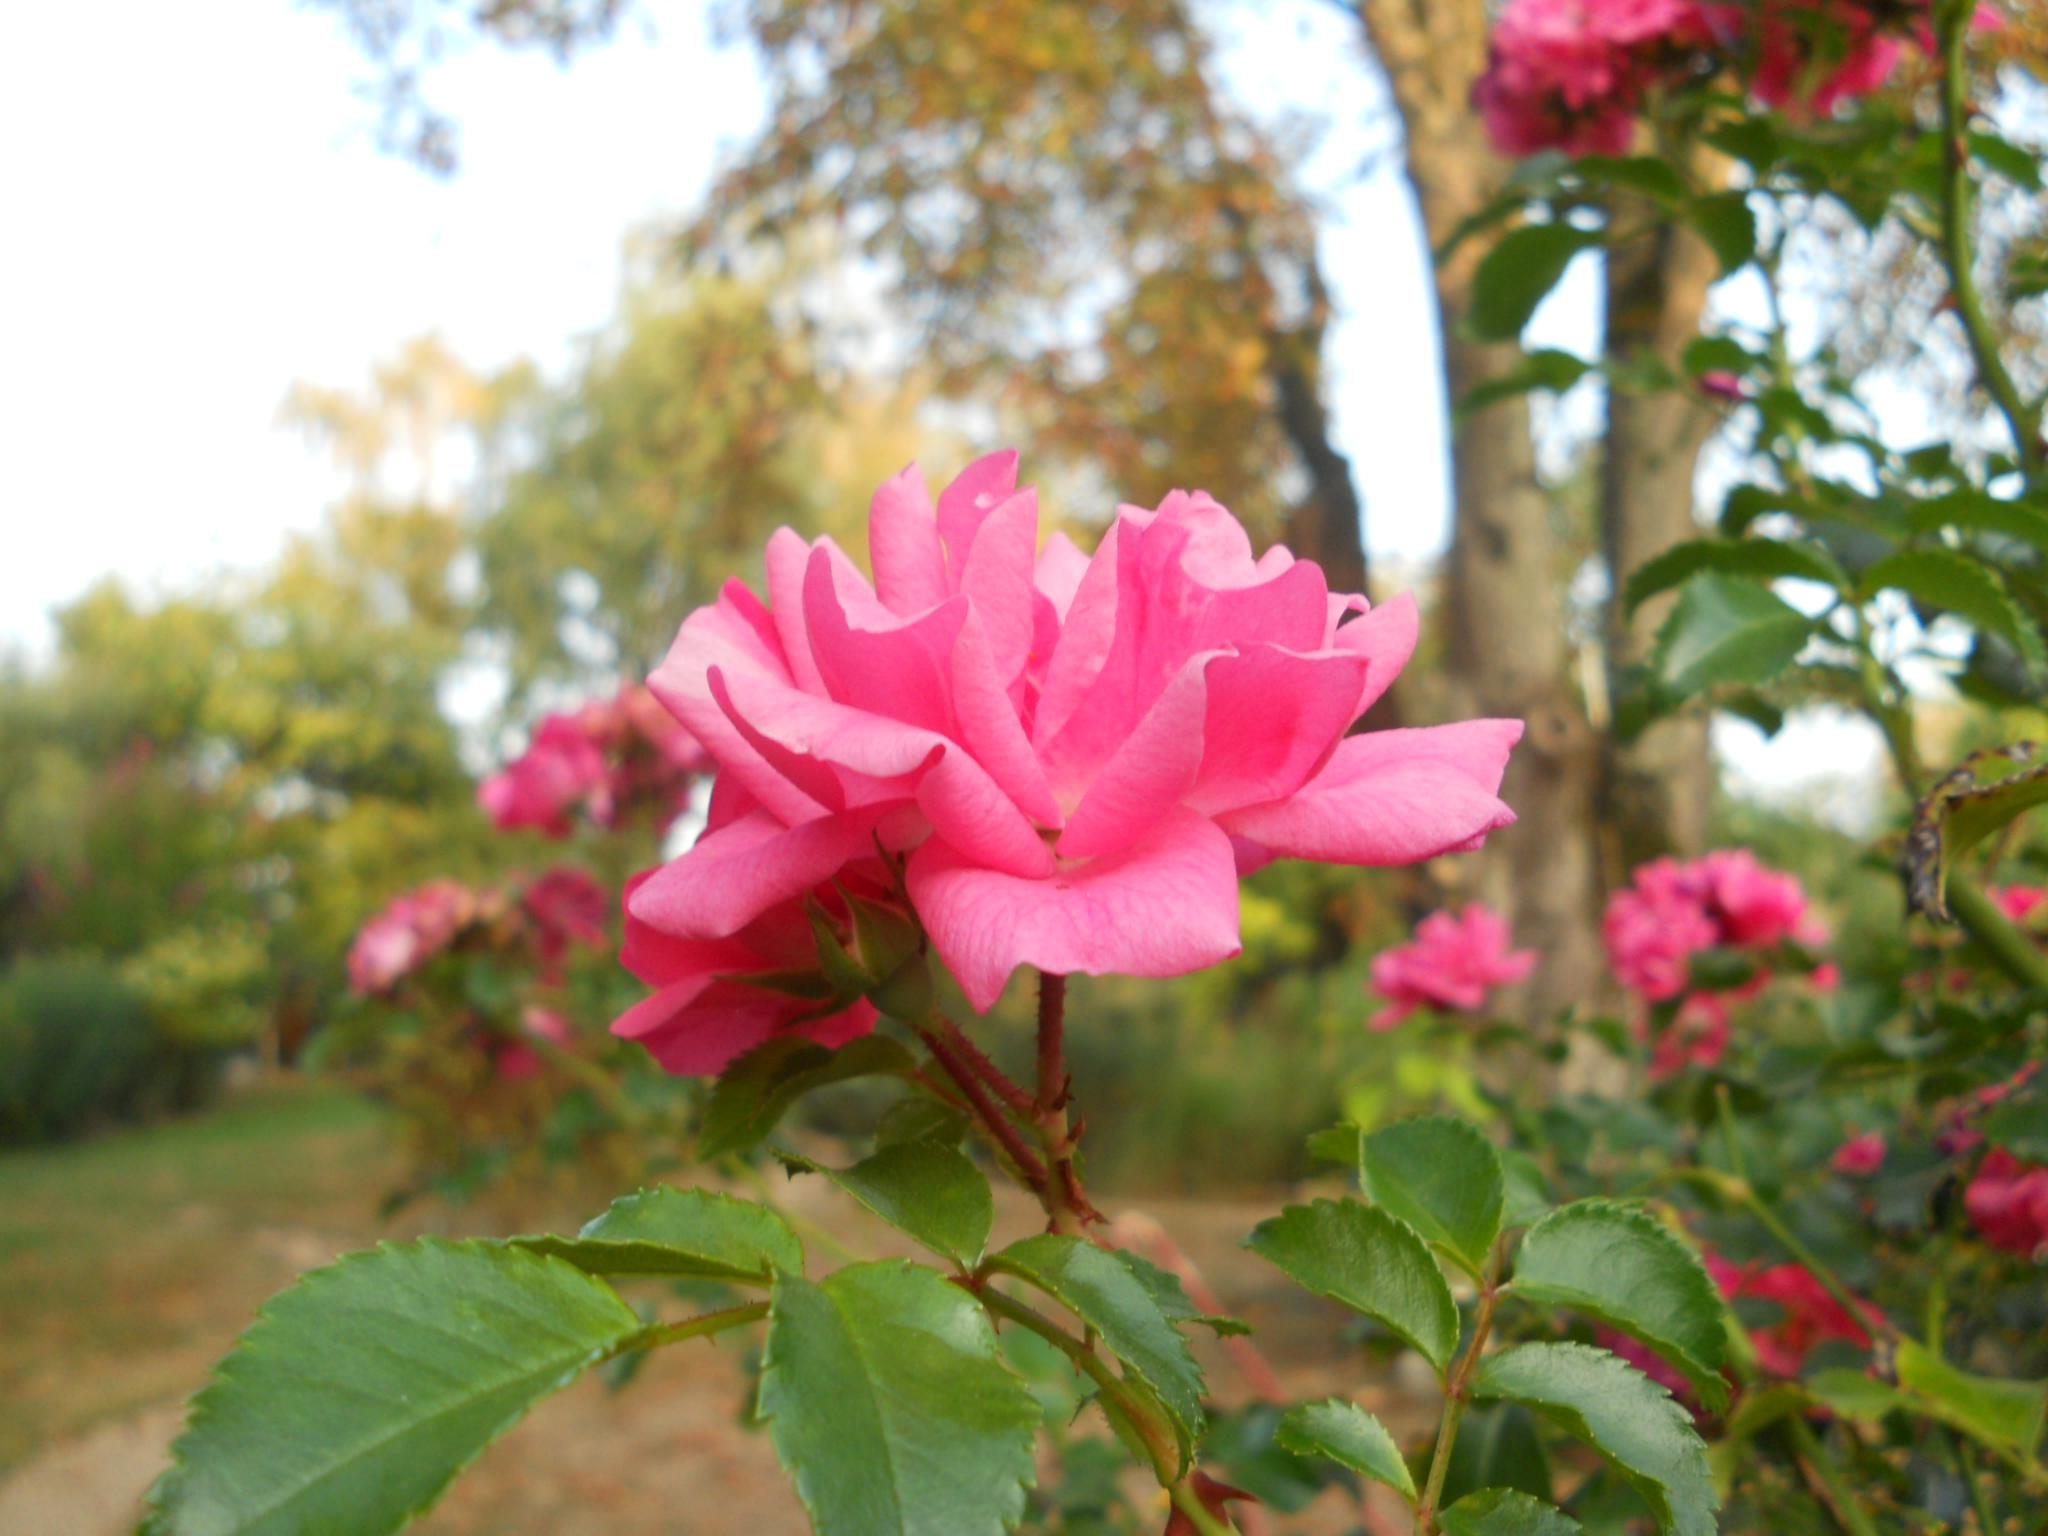 Das Rosen-Hochstämmchen blüht das ganze Jahr über